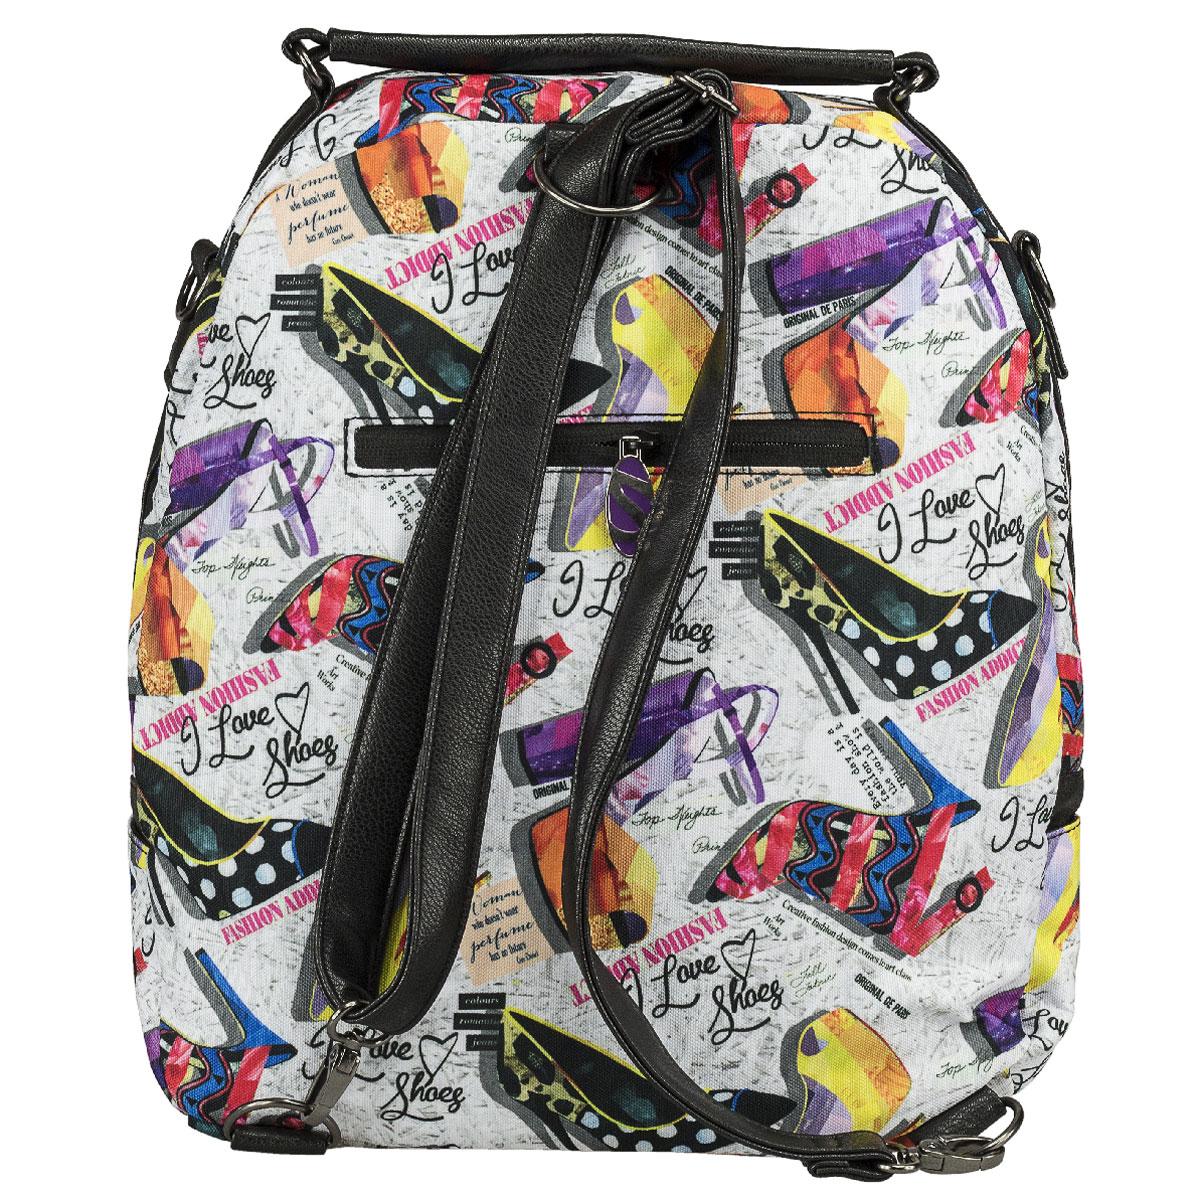 Молодежная сумка-рюкзак Seventeen выполнена из высококачественных материалов и оформлена красочным принтом.Модель содержит одно вместительное отделение на застежке-молнии с двумя бегунками. Внутри отделения находятся прорезной карман на молнии и два открытых кармашка. Фронтальный карман с клапаном на магнитах. Задняя стенка сумки-рюкзака оснащена прорезным карманом на молнии. По бокам изделия находятся открытые карманы. Сумка оснащена удобной ручкой для переноски в руке, а также плечевым ремнем, с помощью которого сумку-рюкзак можно носить на плече и как рюкзак.Такую сумку-рюкзак можно использовать для повседневных прогулок, отдыха и спорта, а также как элемент вашего имиджа.Рекомендуемый возраст: от 12 лет.